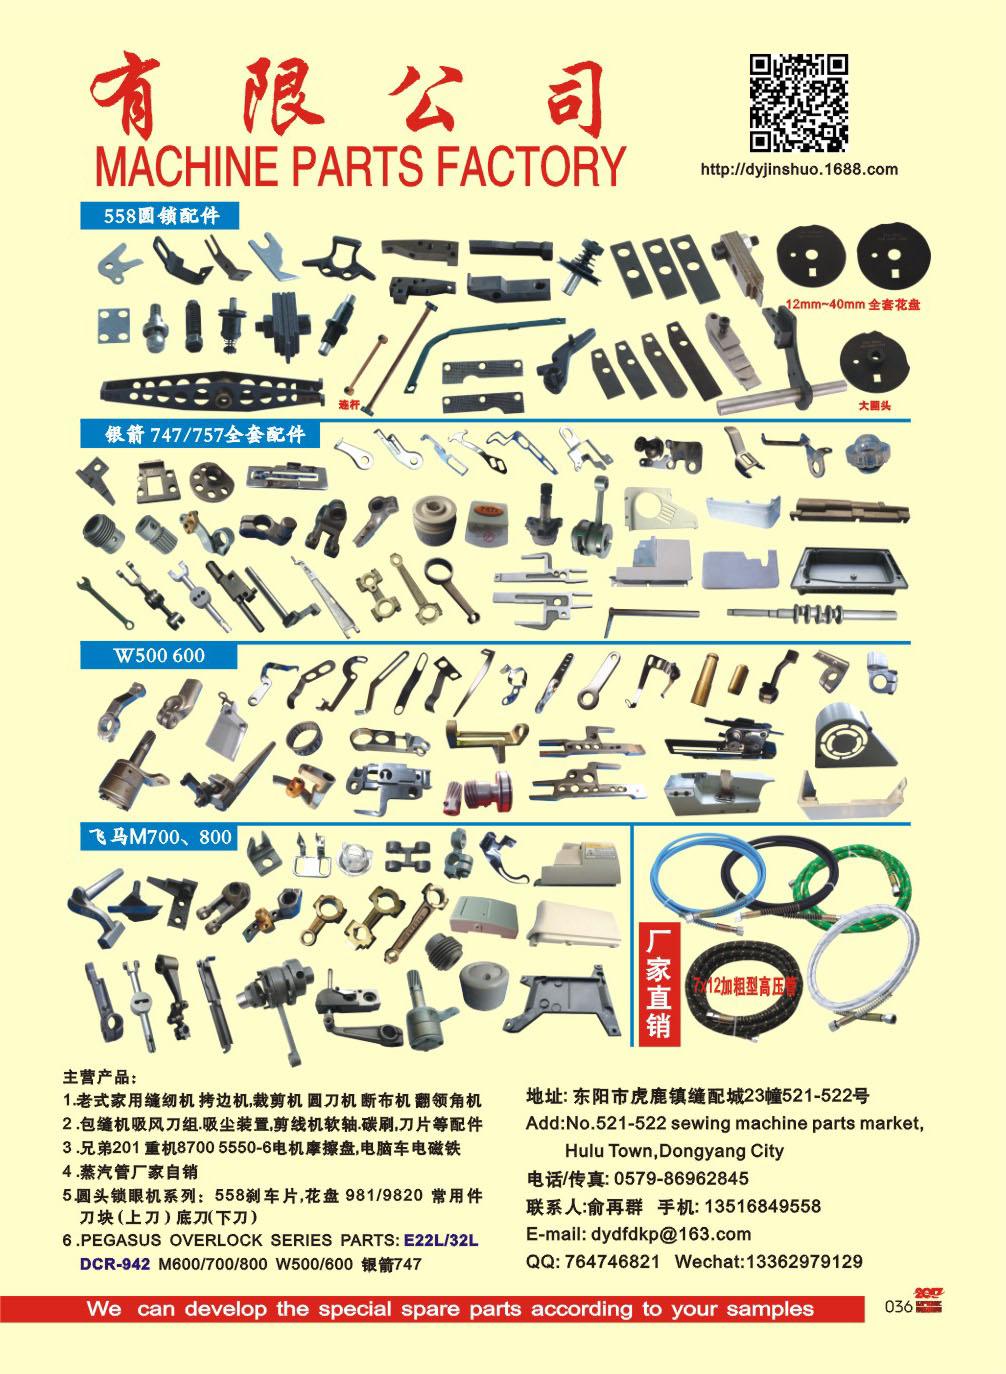 35-36--东阳市金硕缝纫机零件厂-2